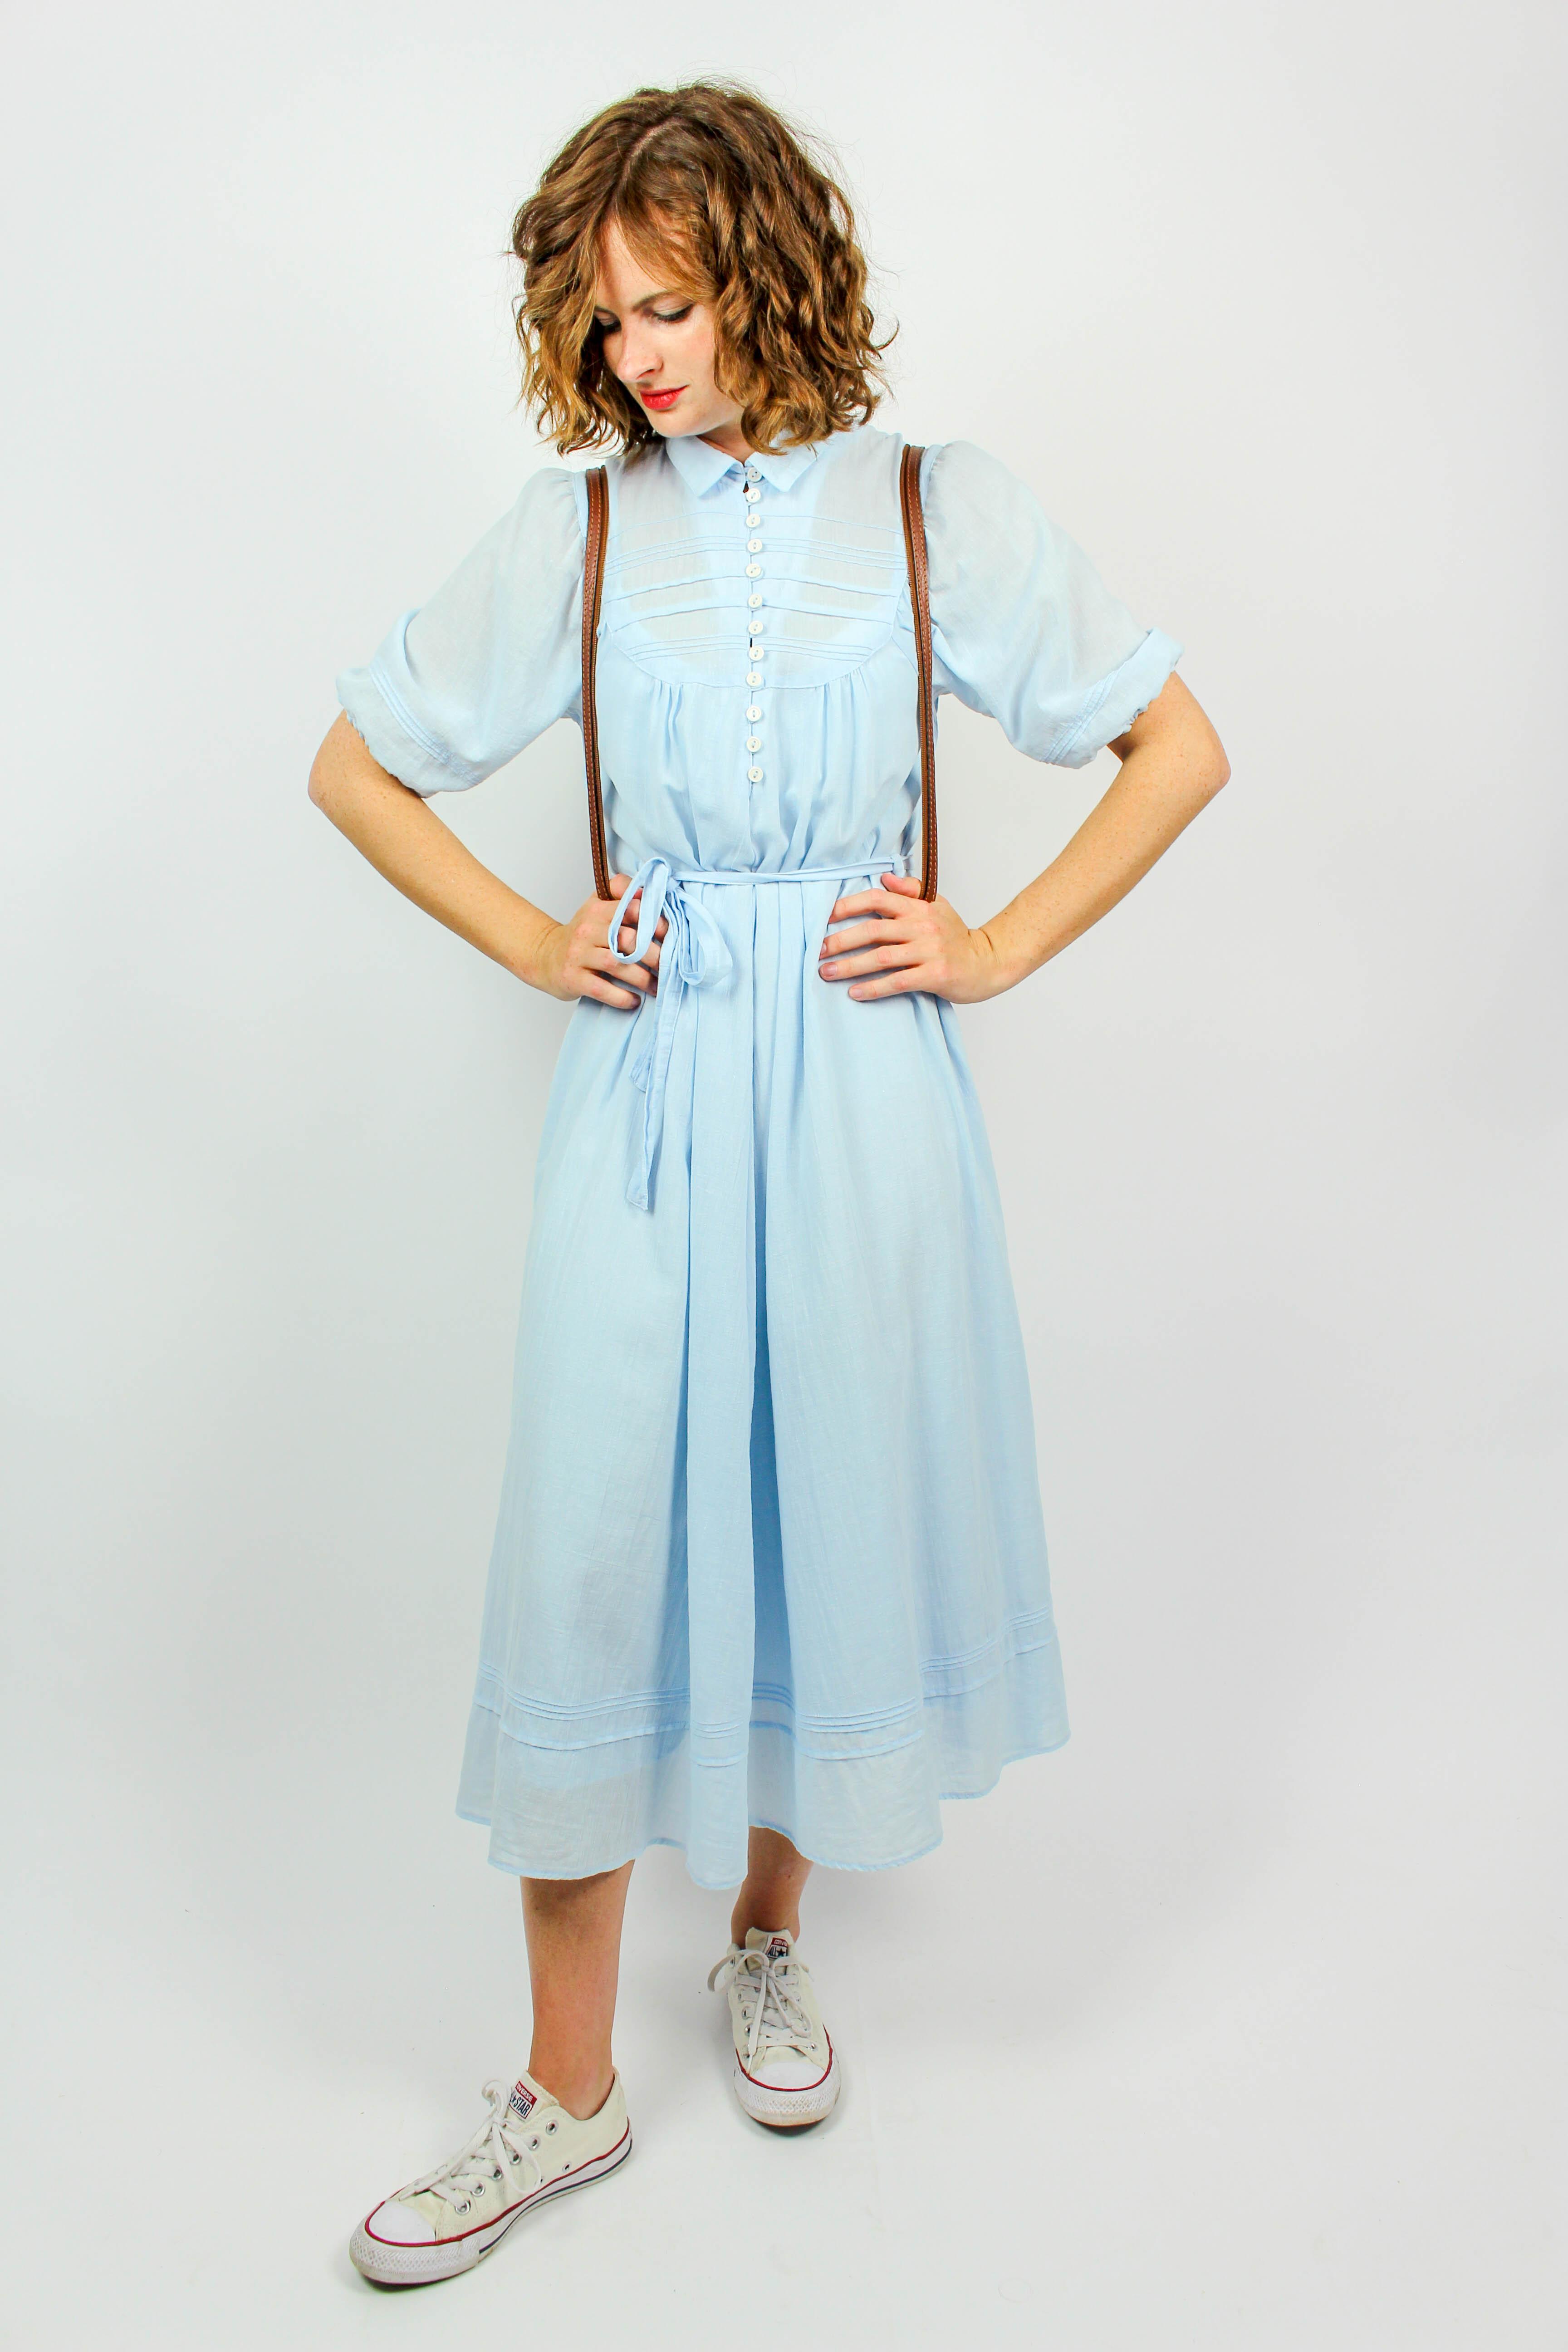 Kleid hellblau mit Gürtel Chrisi | Oma Klara